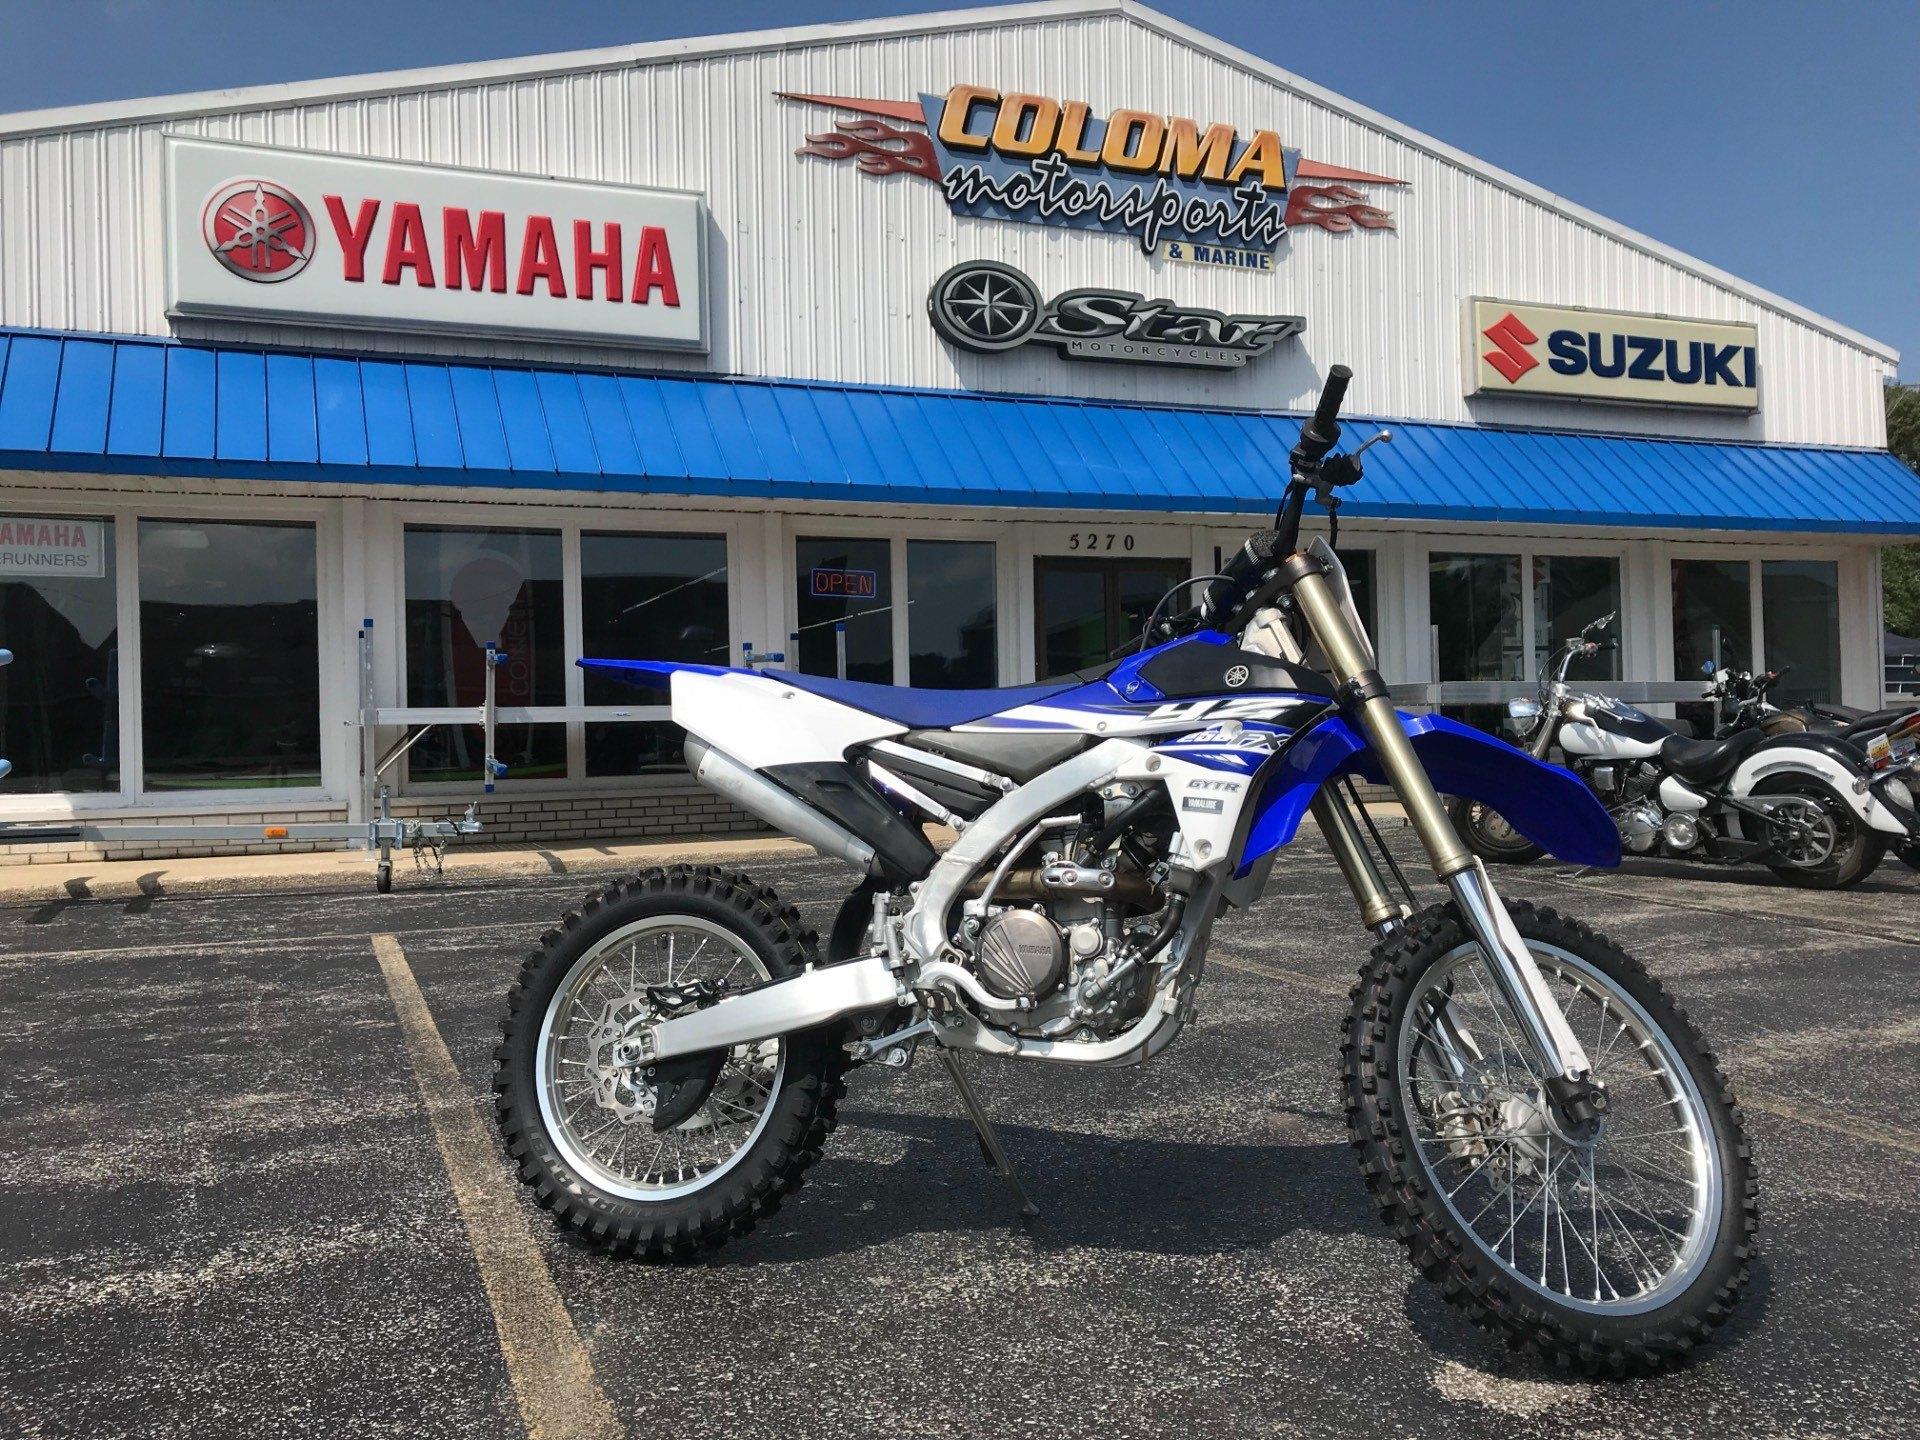 2015 Yamaha YZ250FX for sale 10249